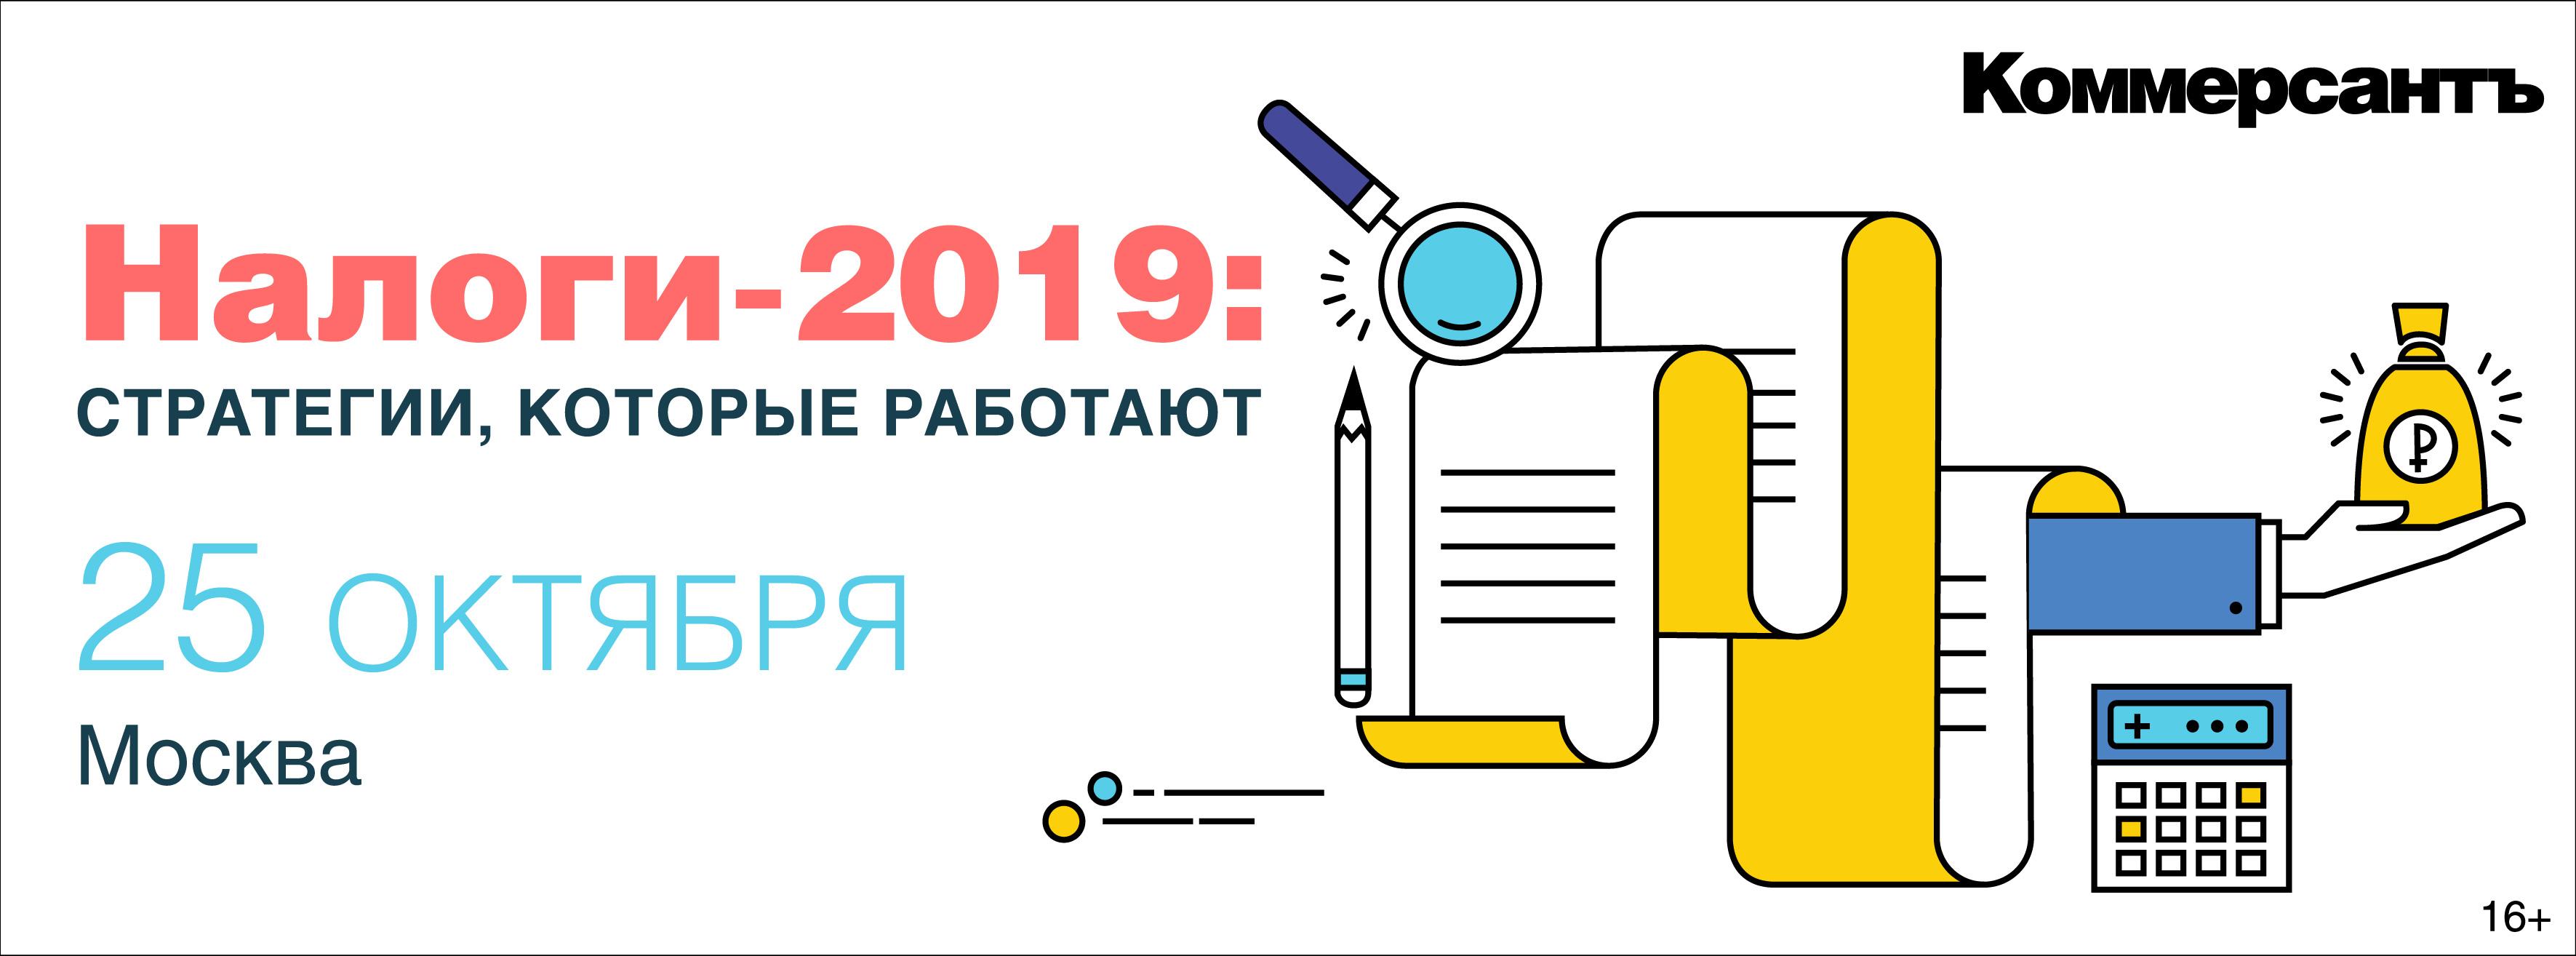 Налоги-2019: стратегии, которые работают